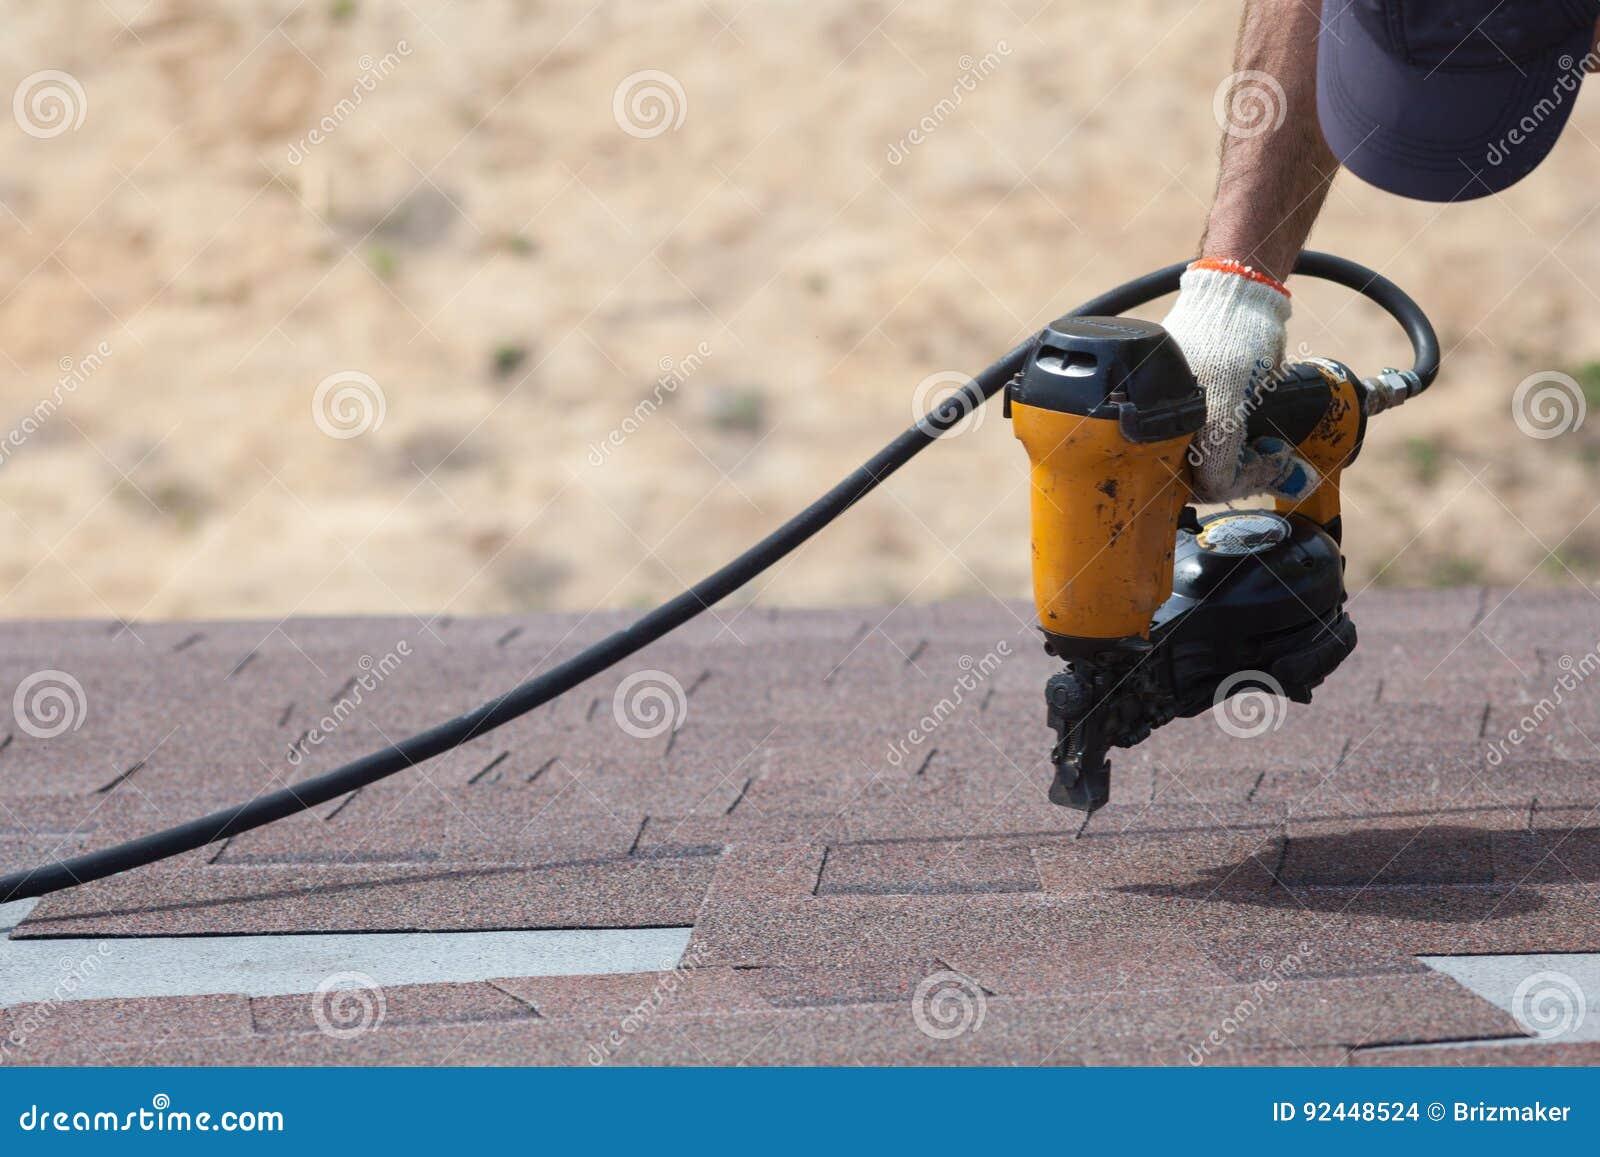 Roofer builder worker with nailgun installing Asphalt Shingles or Bitumen Tiles on a new house under construction.